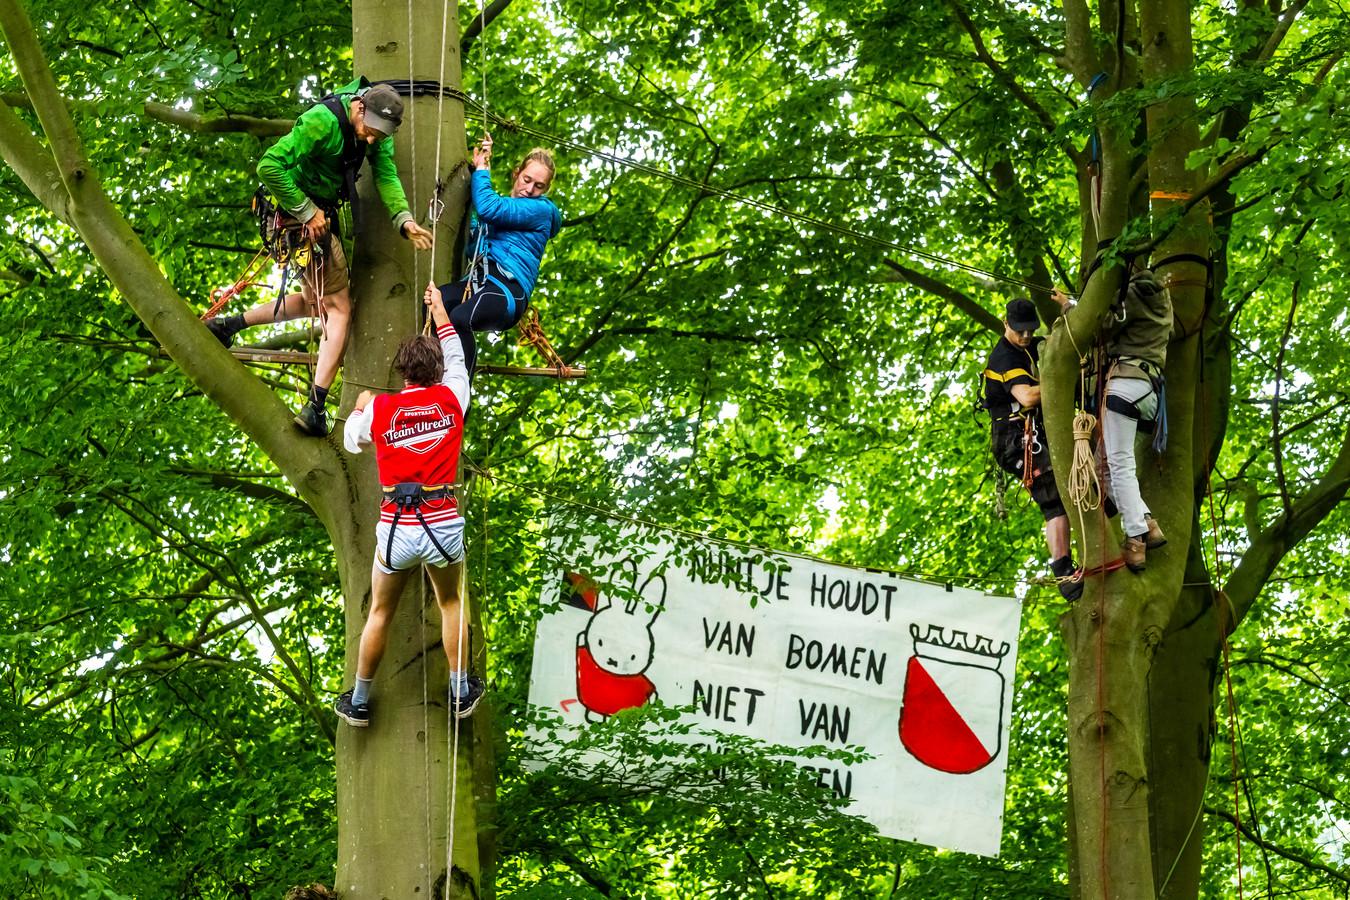 Protest van actiegroep Amelisweerd niet Geasfalteerd in 2019